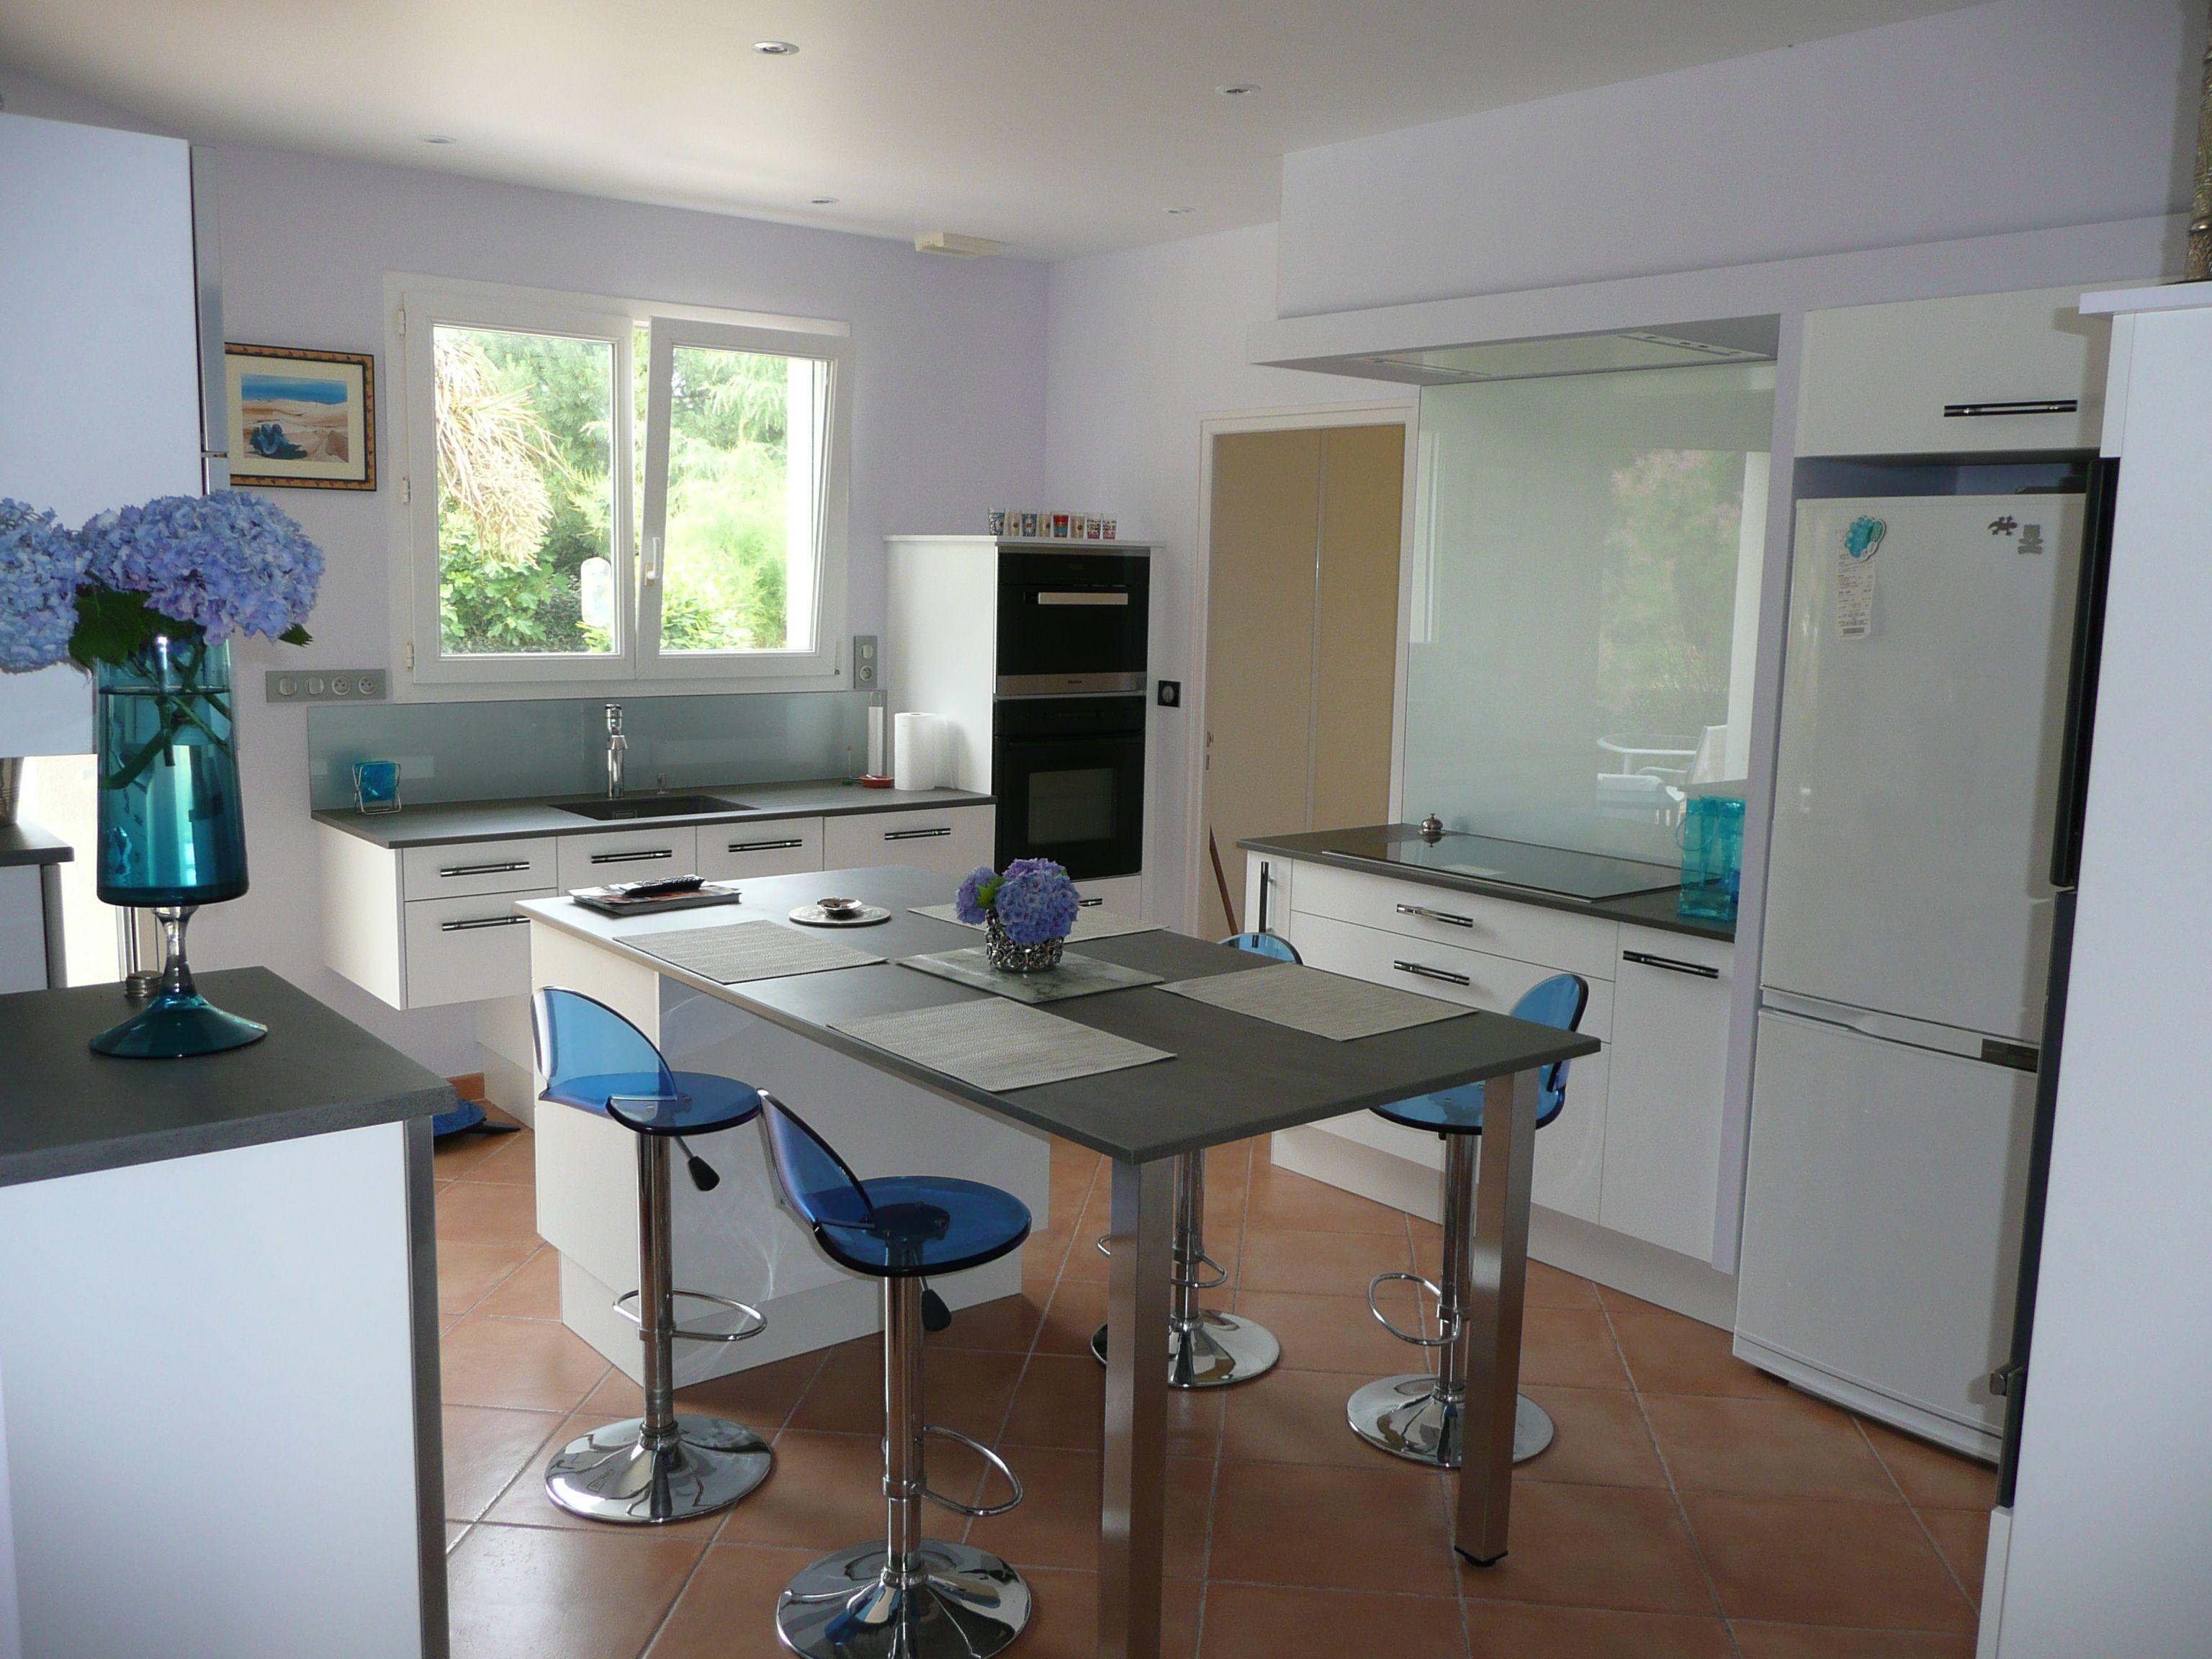 cuisine avec meuble central avec rangement placards prolong dun plateau pour table haute cuisine meuble et amnagement pinterest bureaus